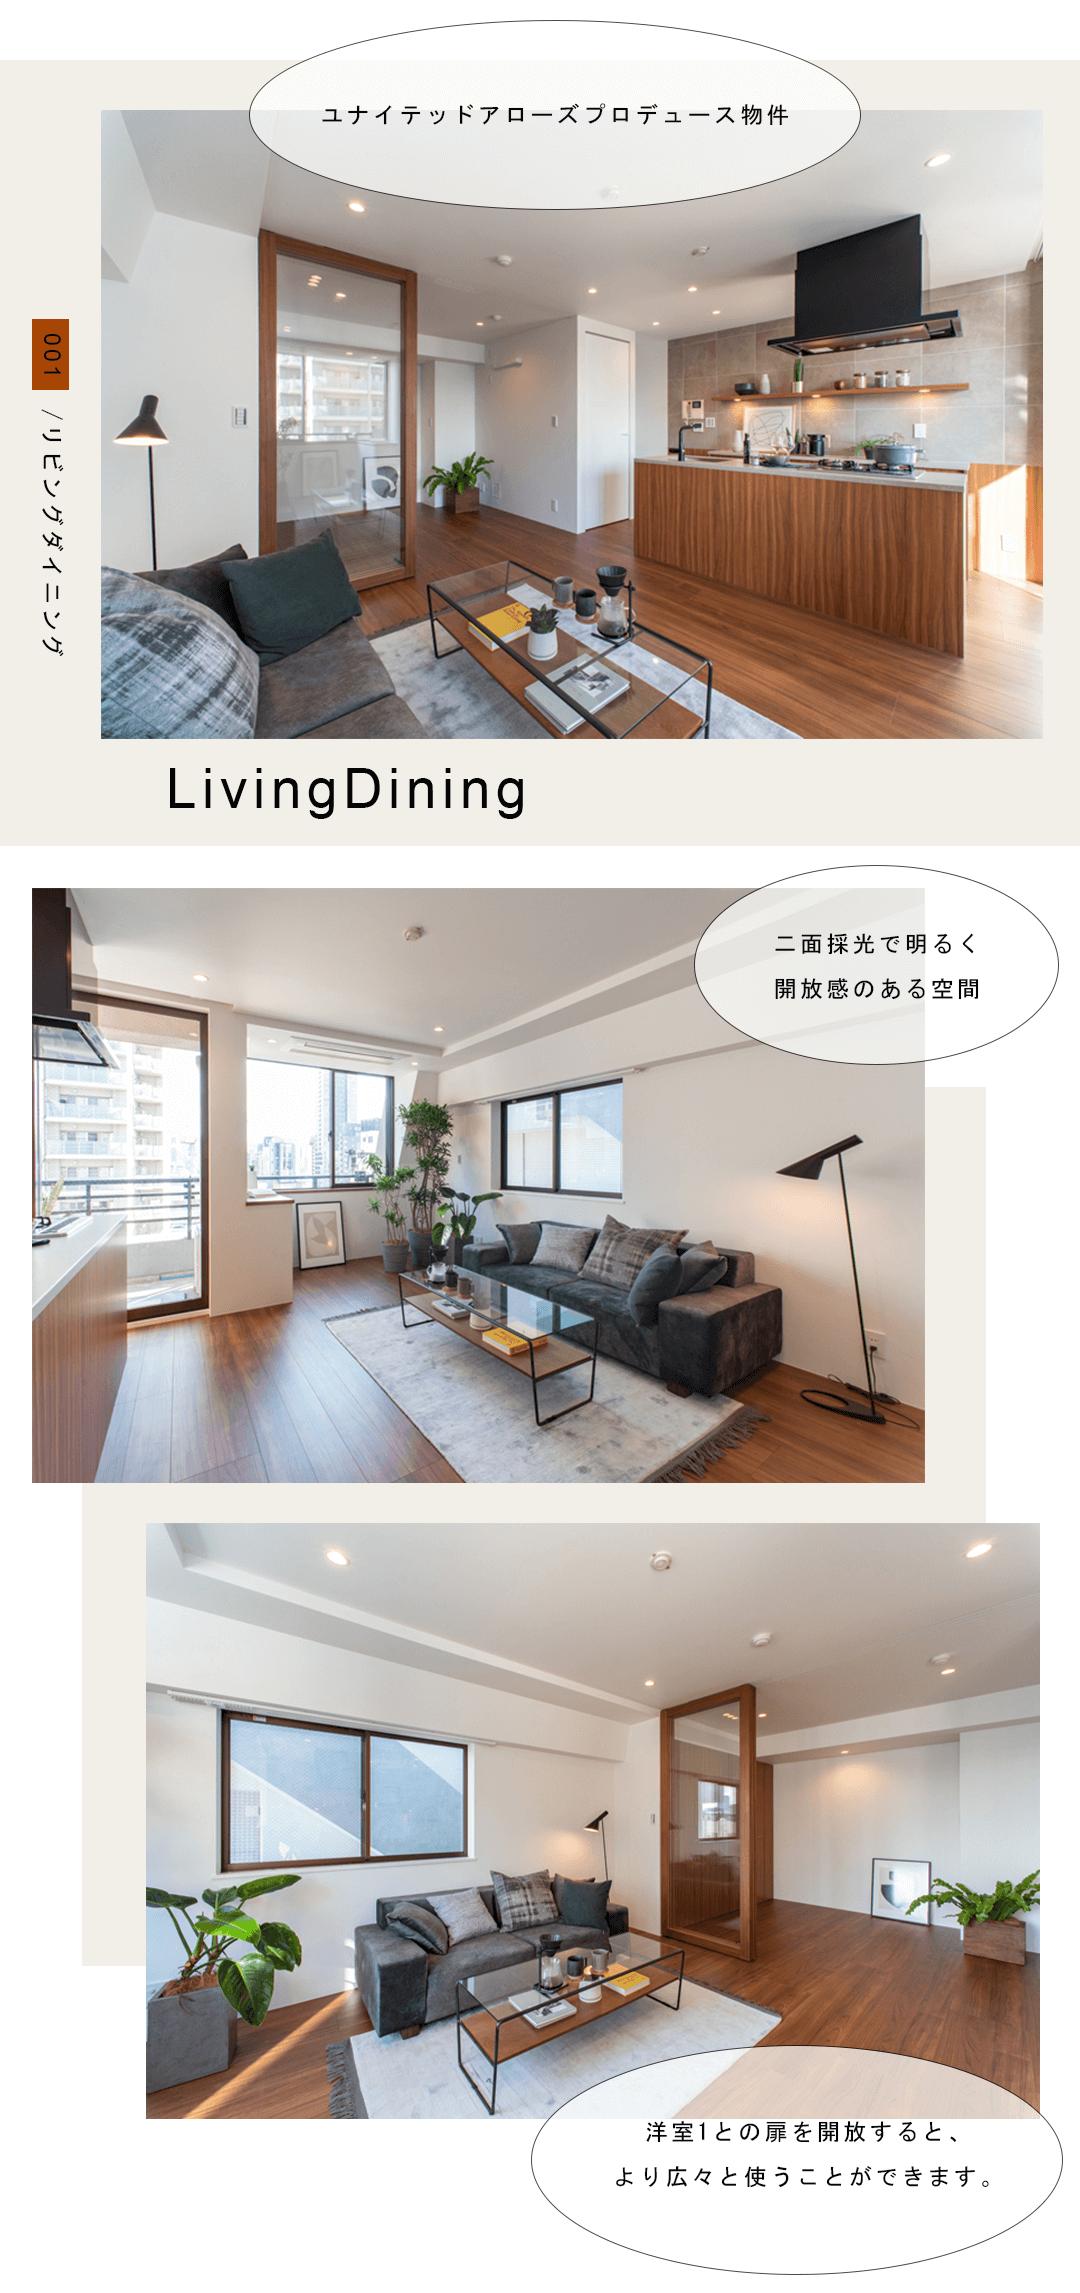 001リビングダイイング,LivingDining